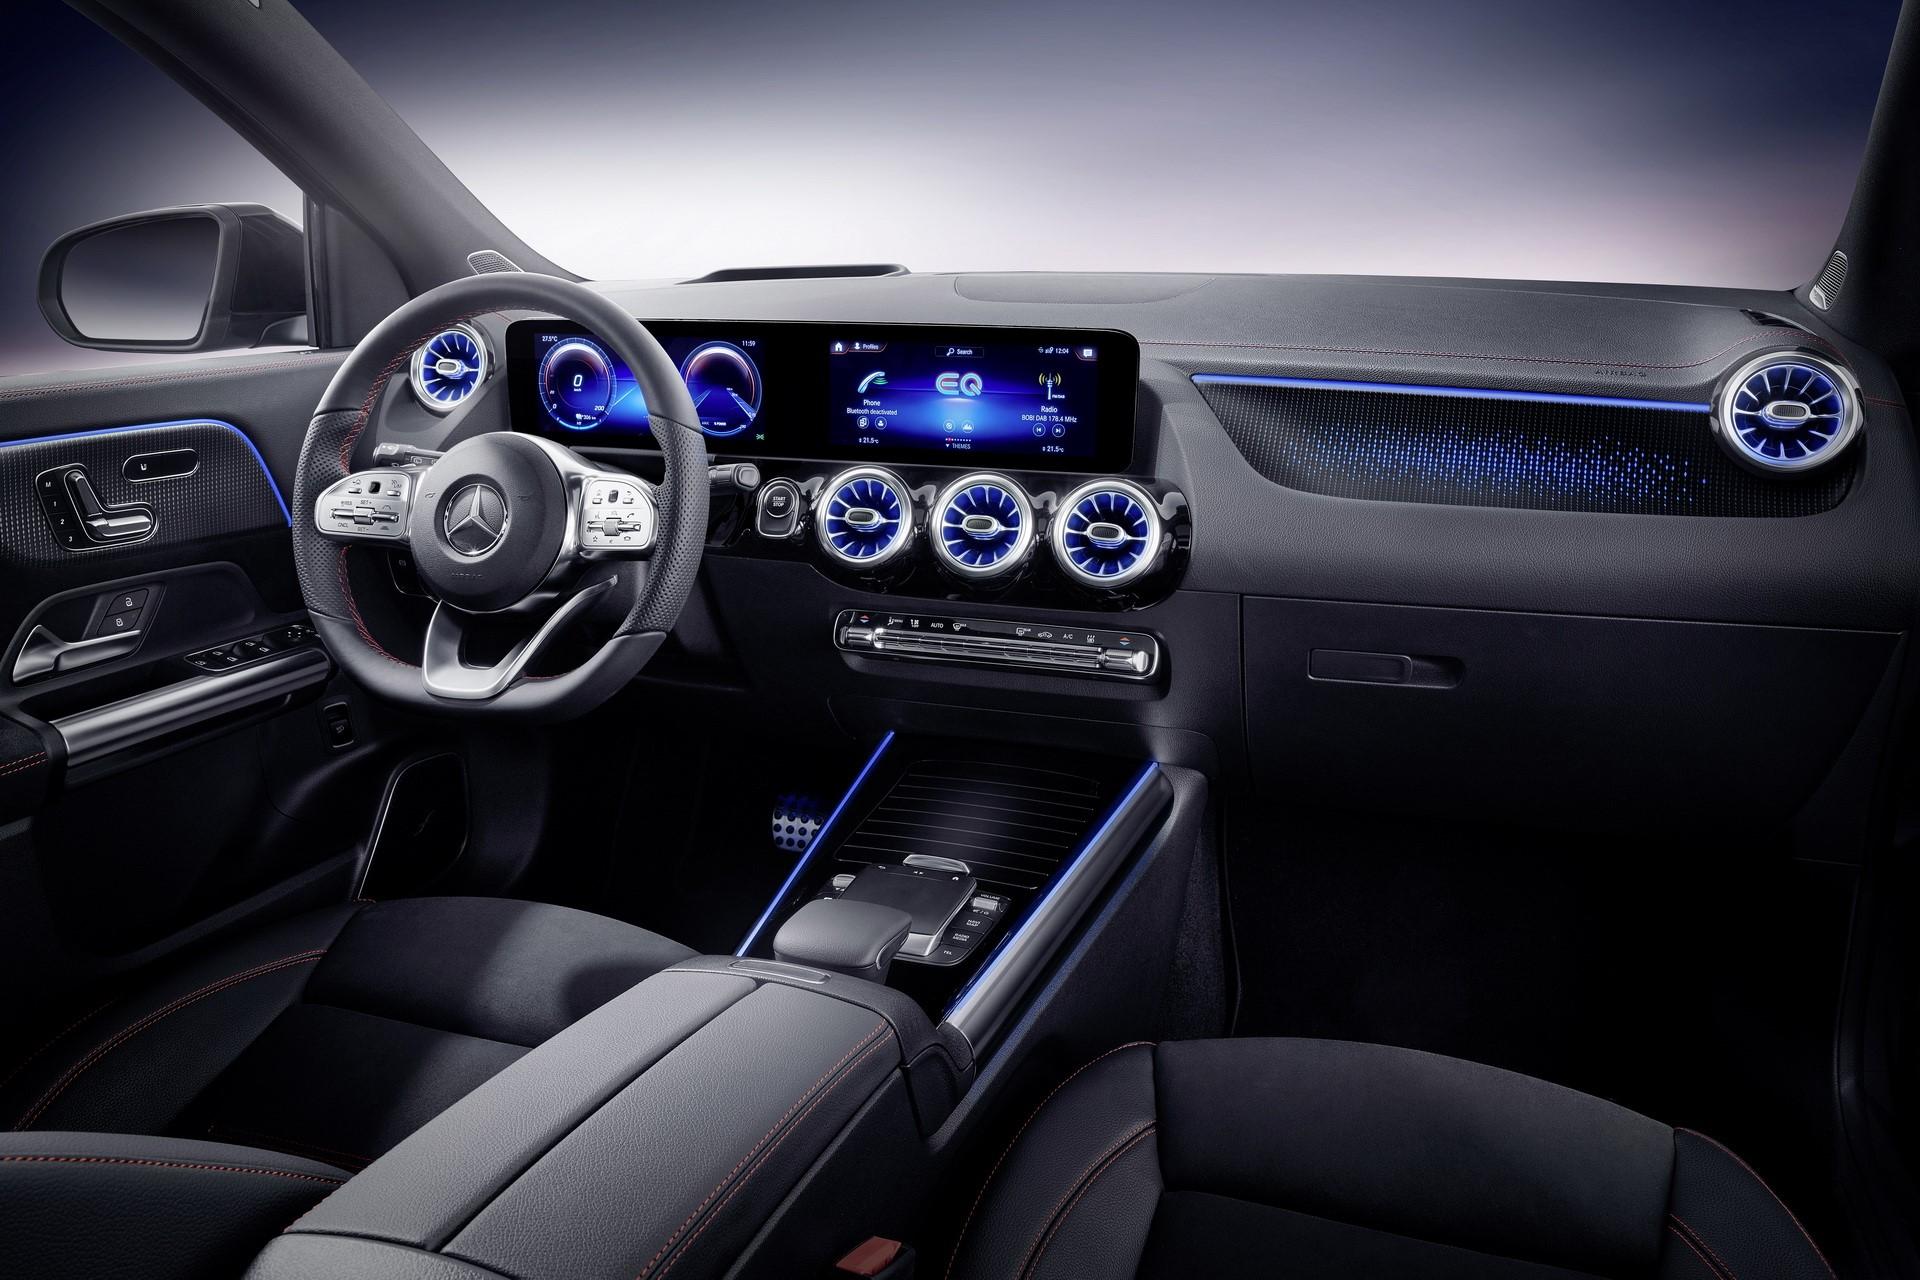 梅赛德斯-奔驰EQA在欧洲上市,在英国的起价为40,495英镑